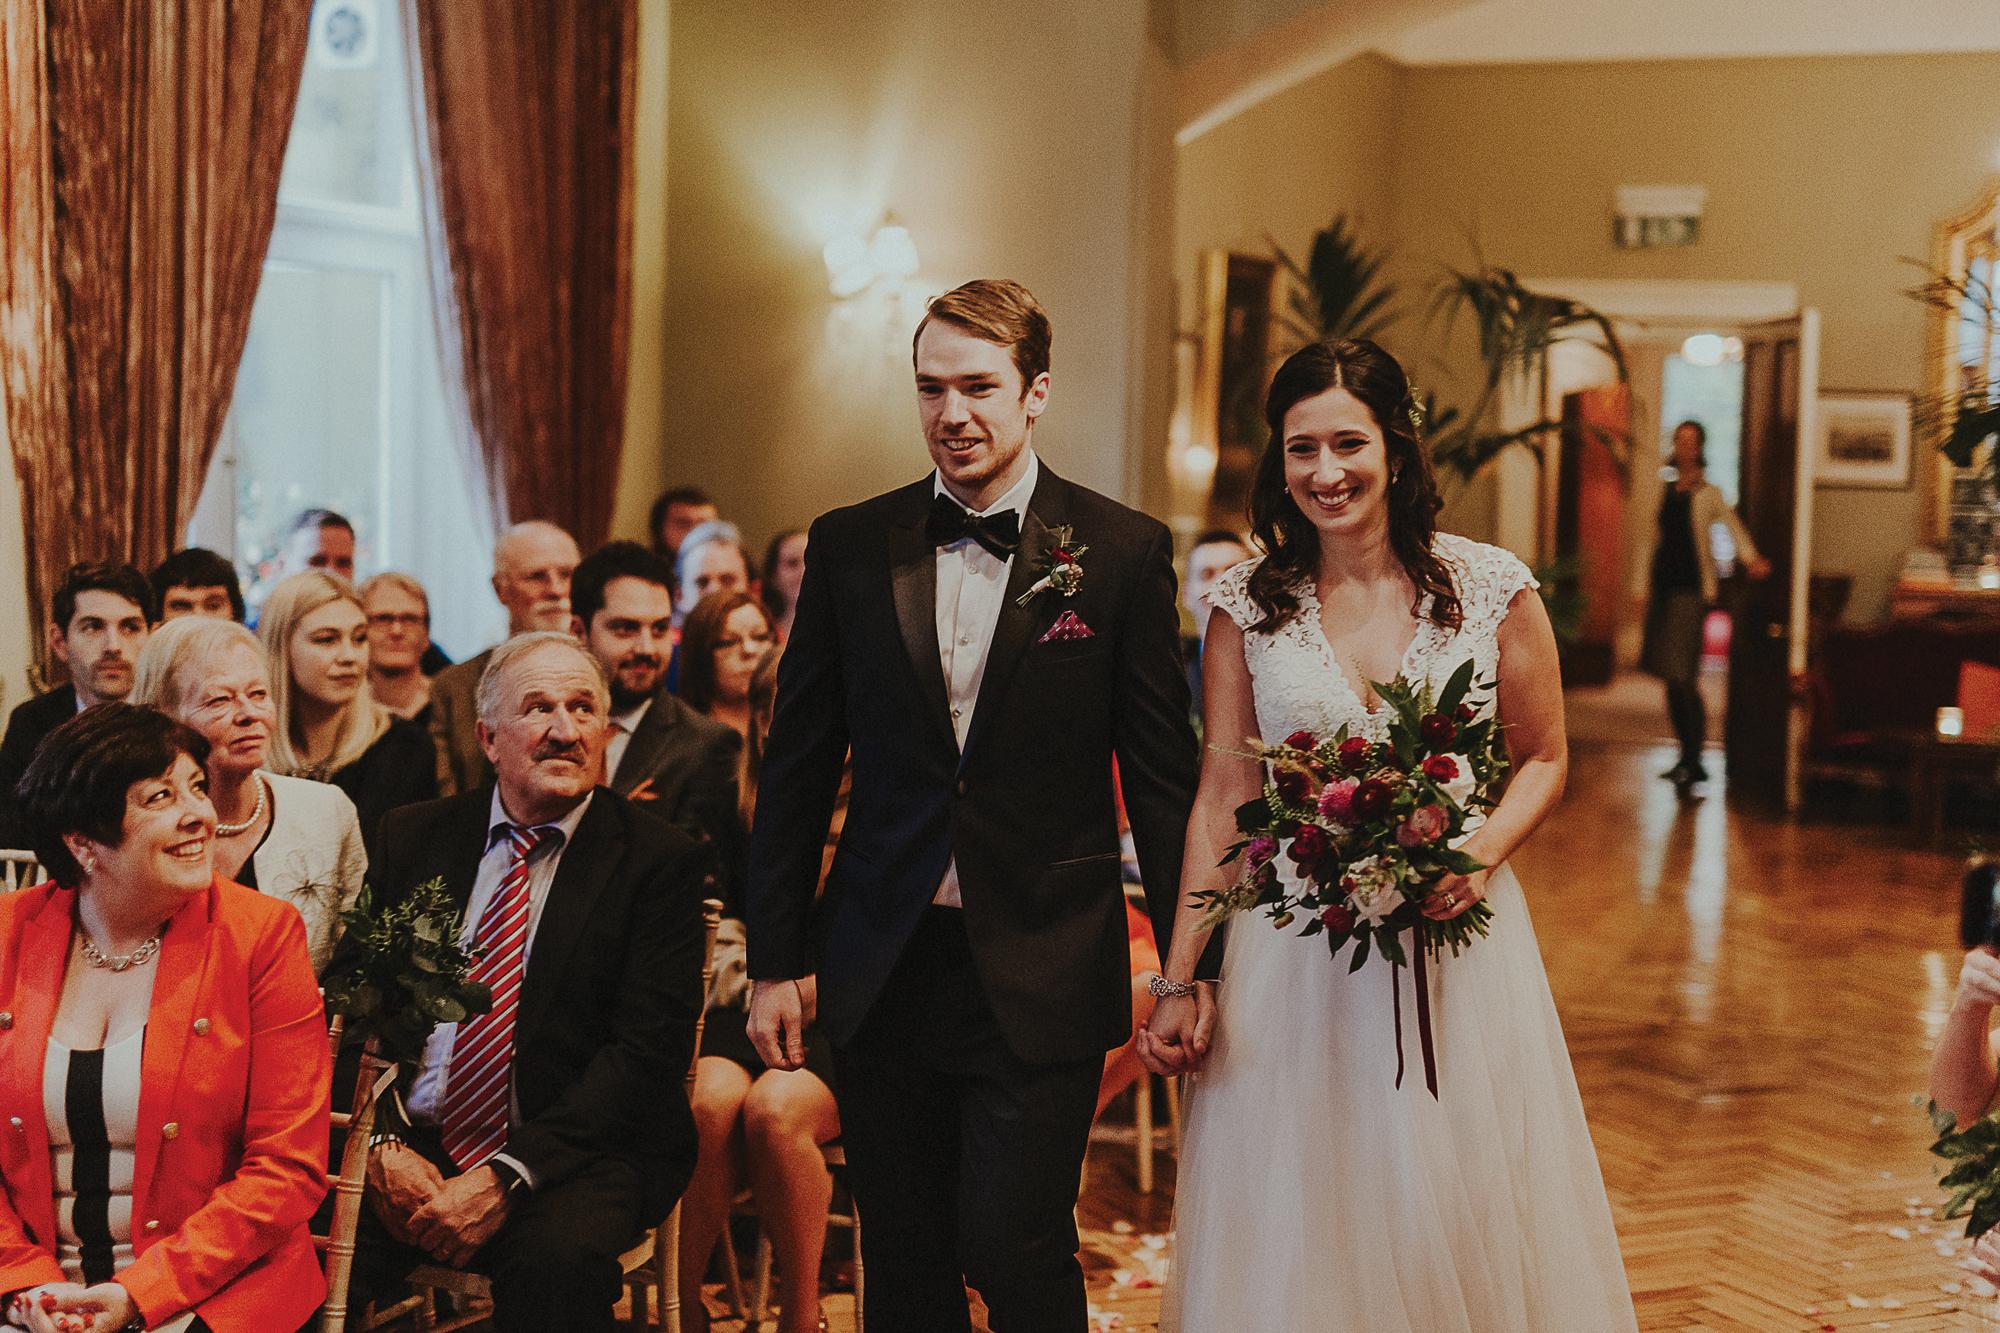 irish_wedding_photograpers_5.jpg